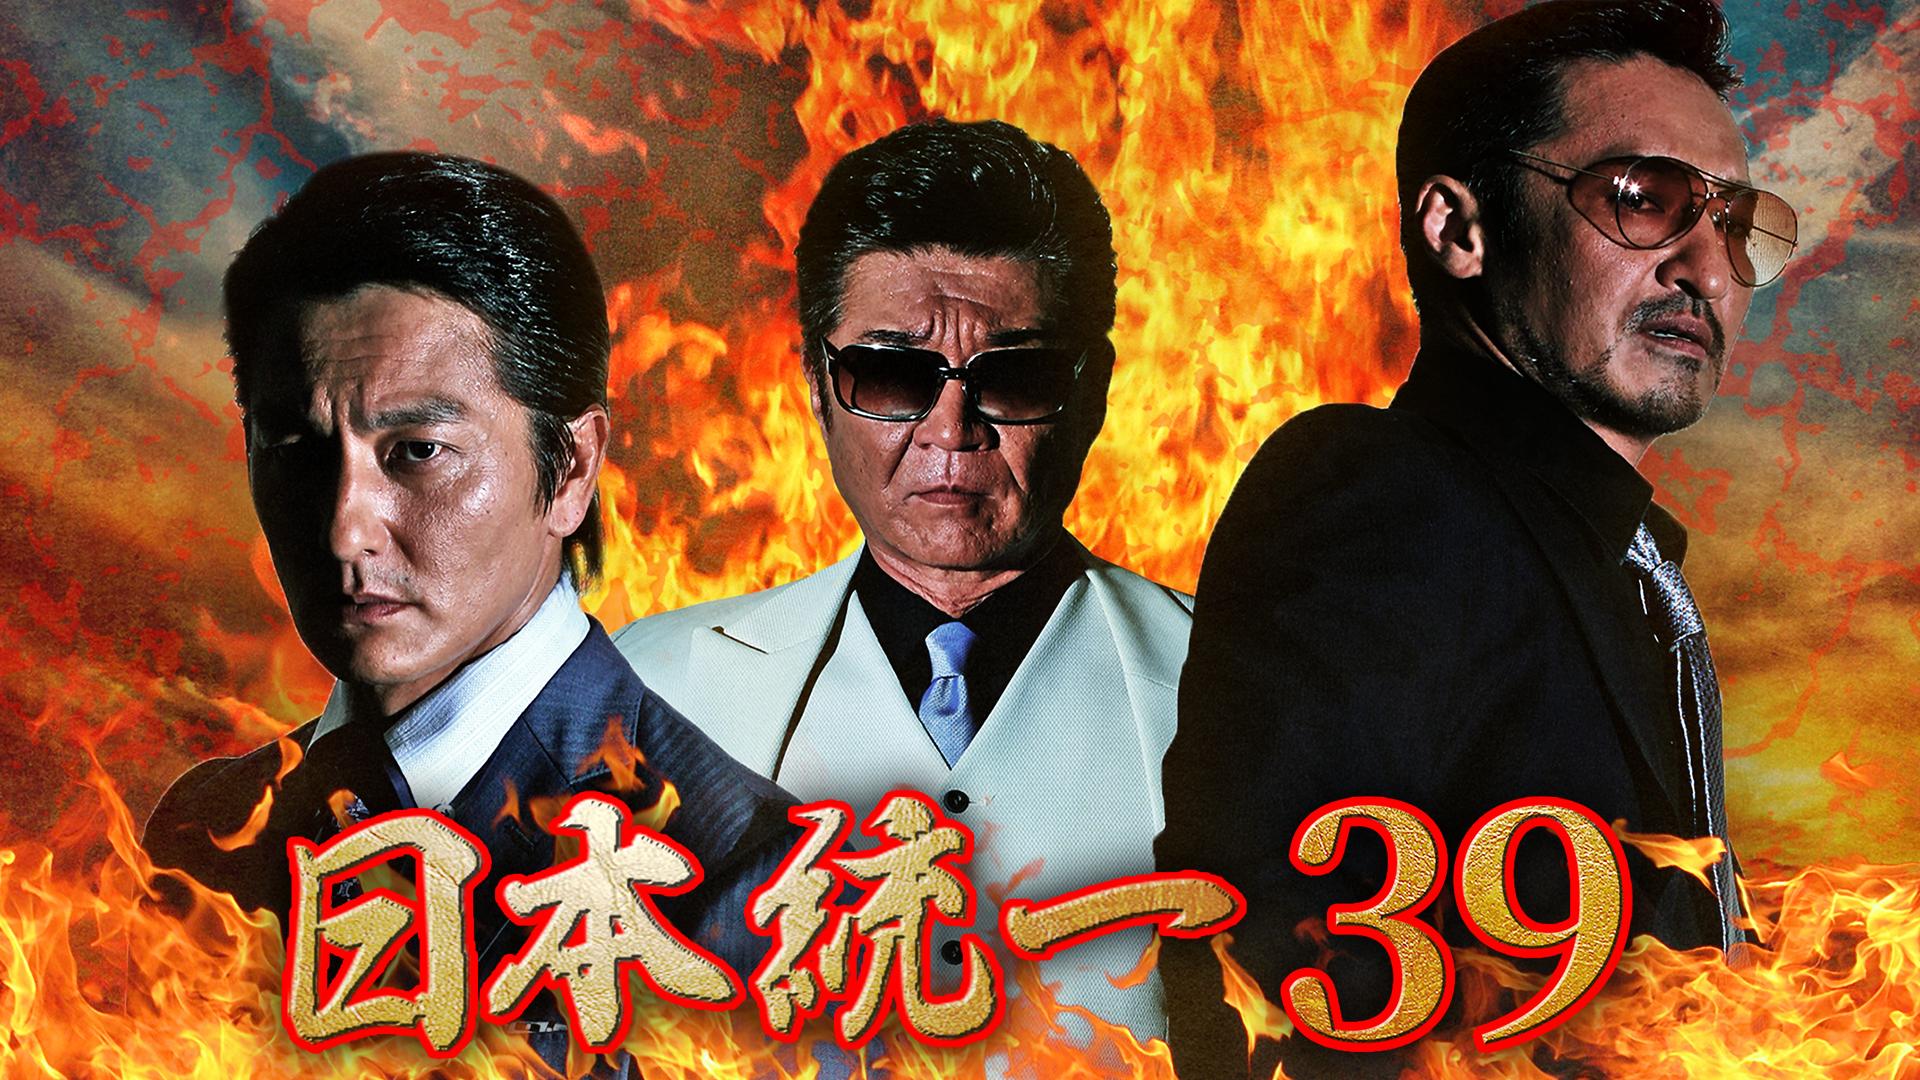 【無料動画フル】日本統一39(映画)の見逃し配信をフル視聴する方法!キャストやあらすじ感想評価も!